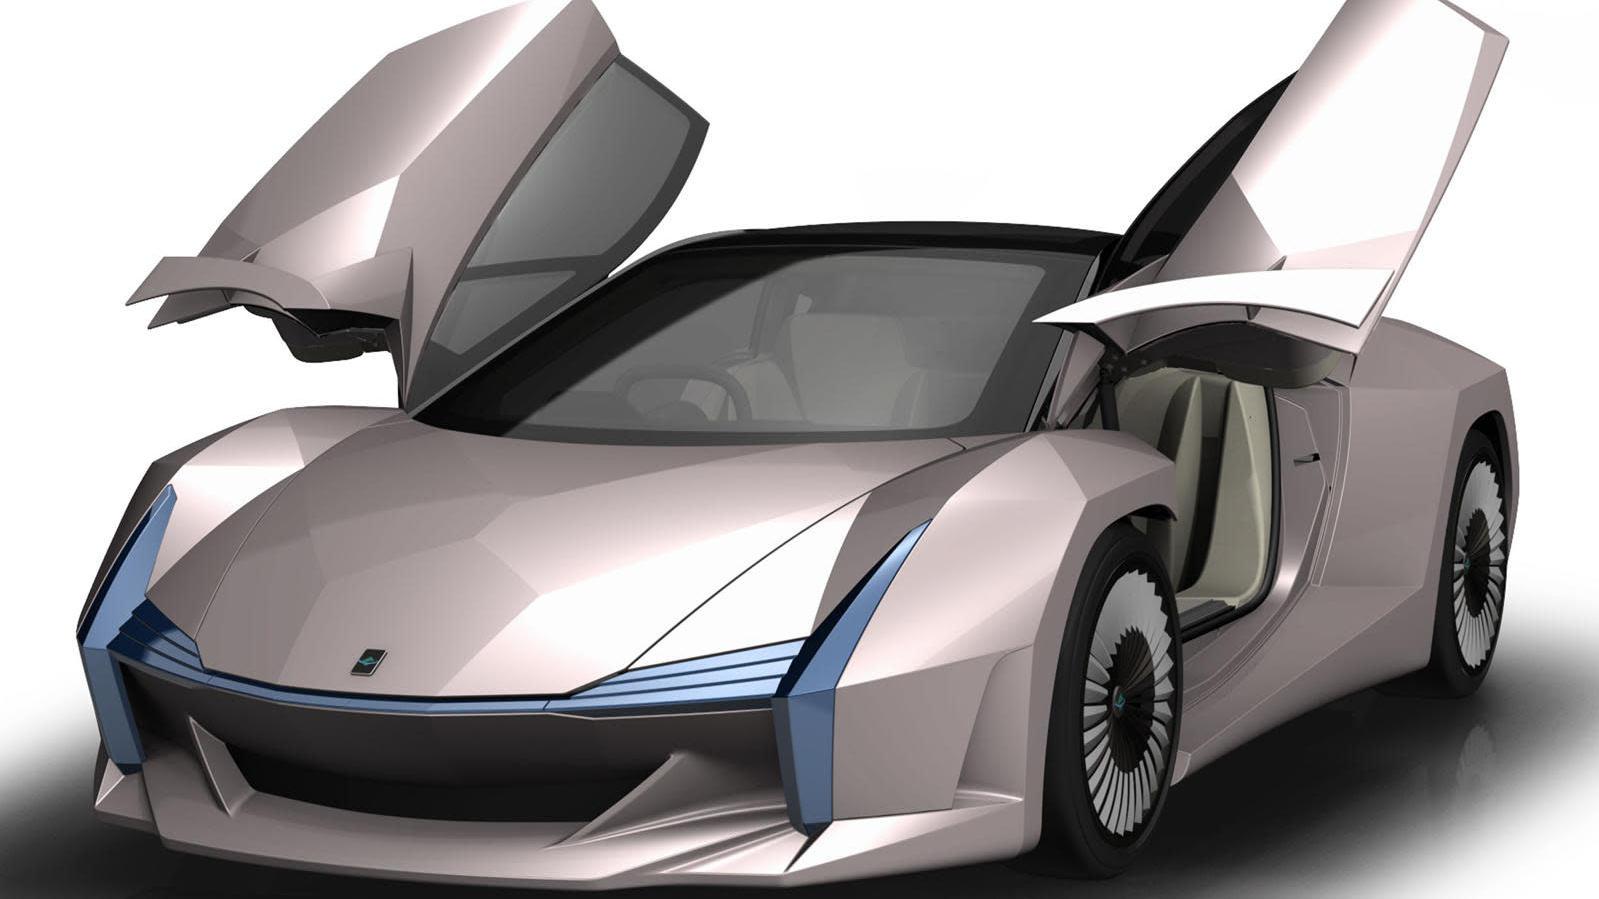 Tamamen Ahşaptan Oluşan Bir Spor Otomobil Üretildi